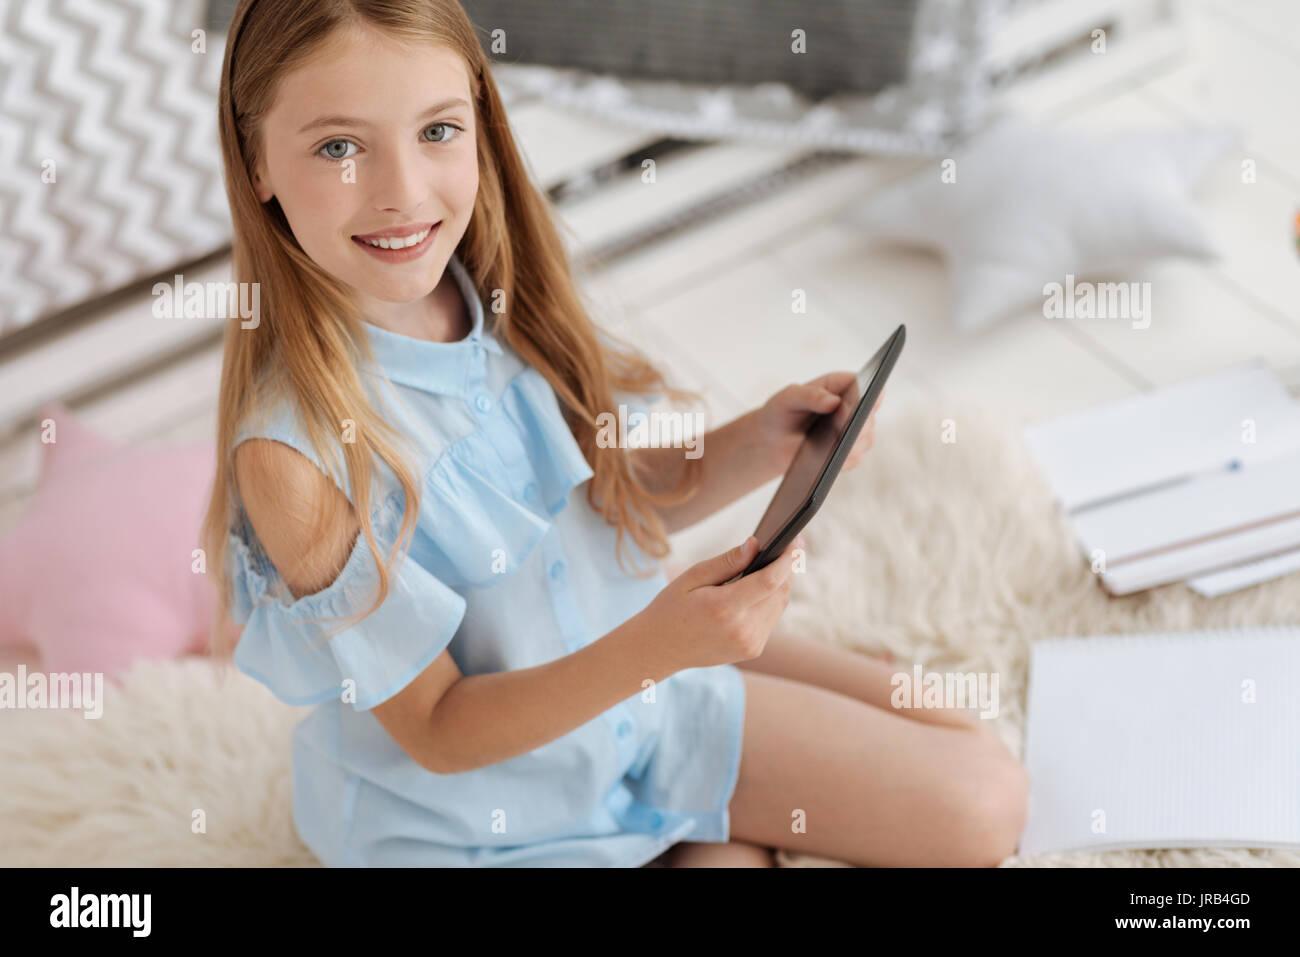 Adorable girl mit digitalen Tablet grinste breit für Kamera Stockbild